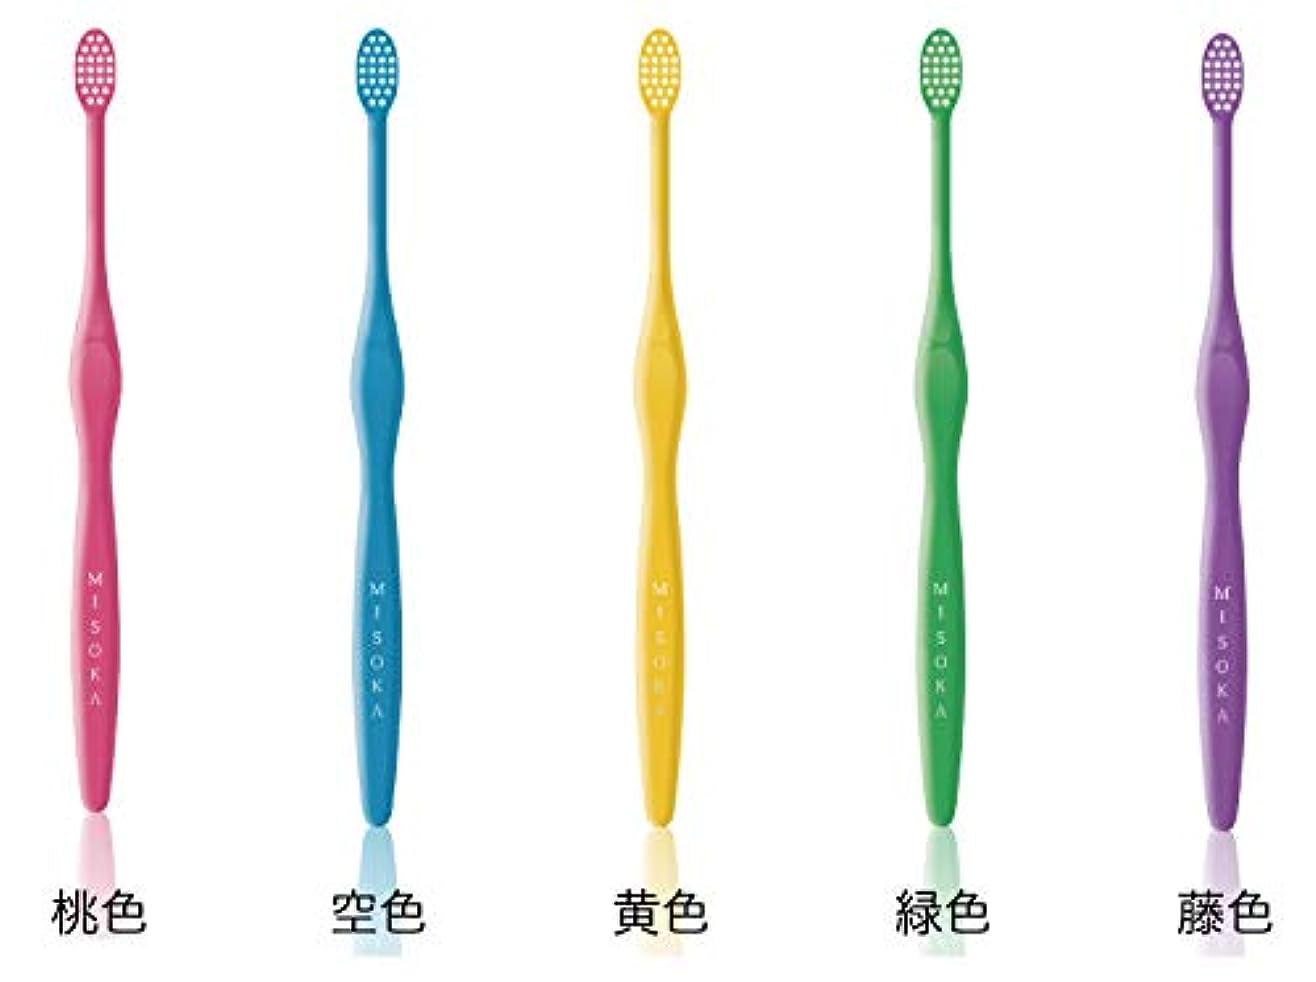 ケント特徴づけるほこりMISOKA PRO (ミソカ プロ) 大人用歯ブラシ 歯科医院専売 3本セット (パープル)